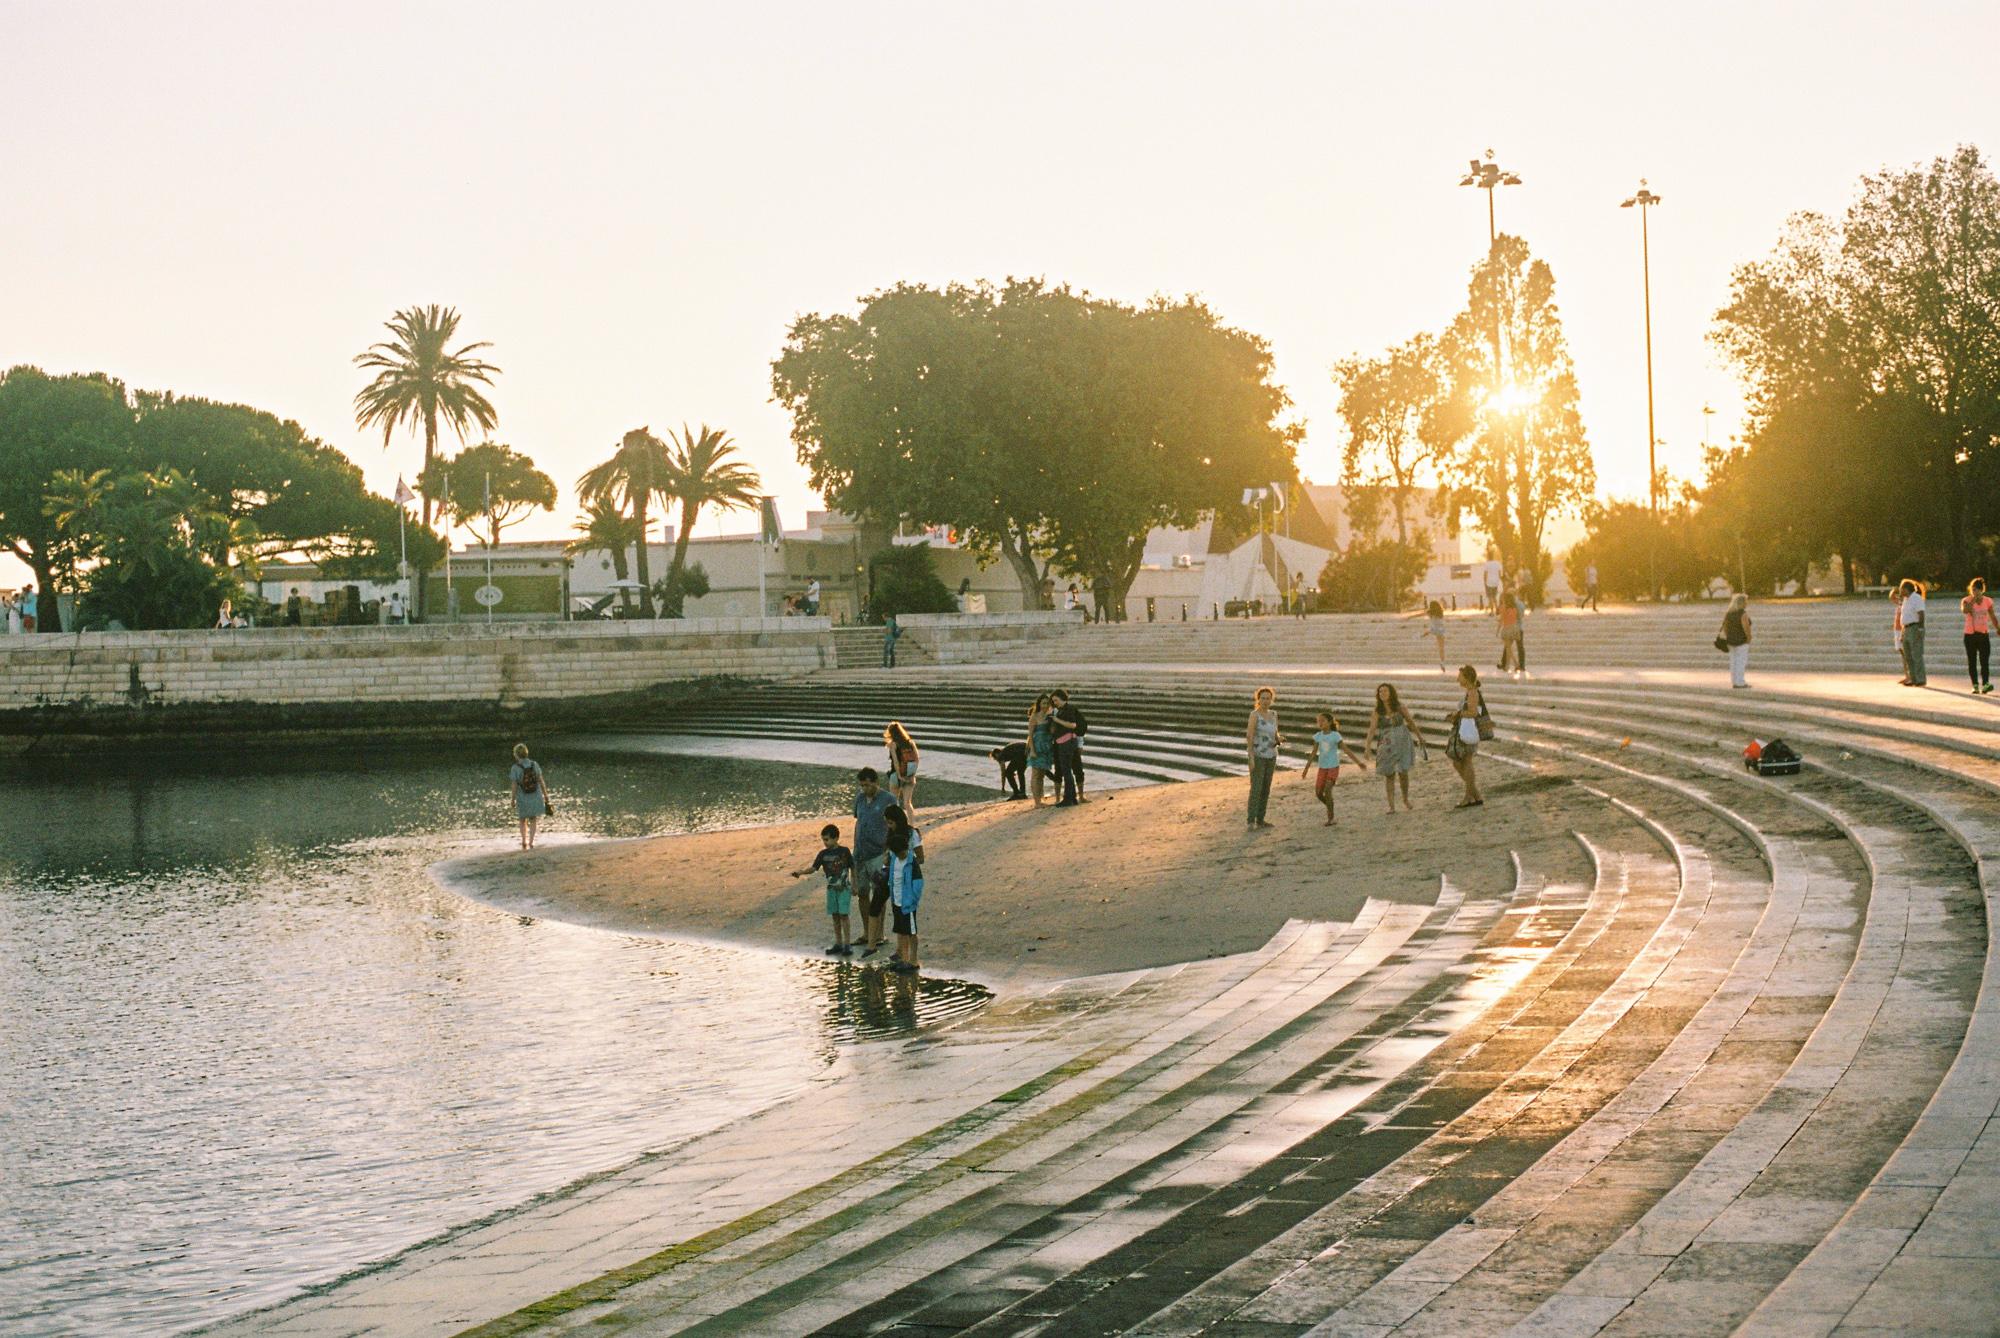 Fotografia-Analogica-Lisboa-Filme-Oceanica-20.jpg